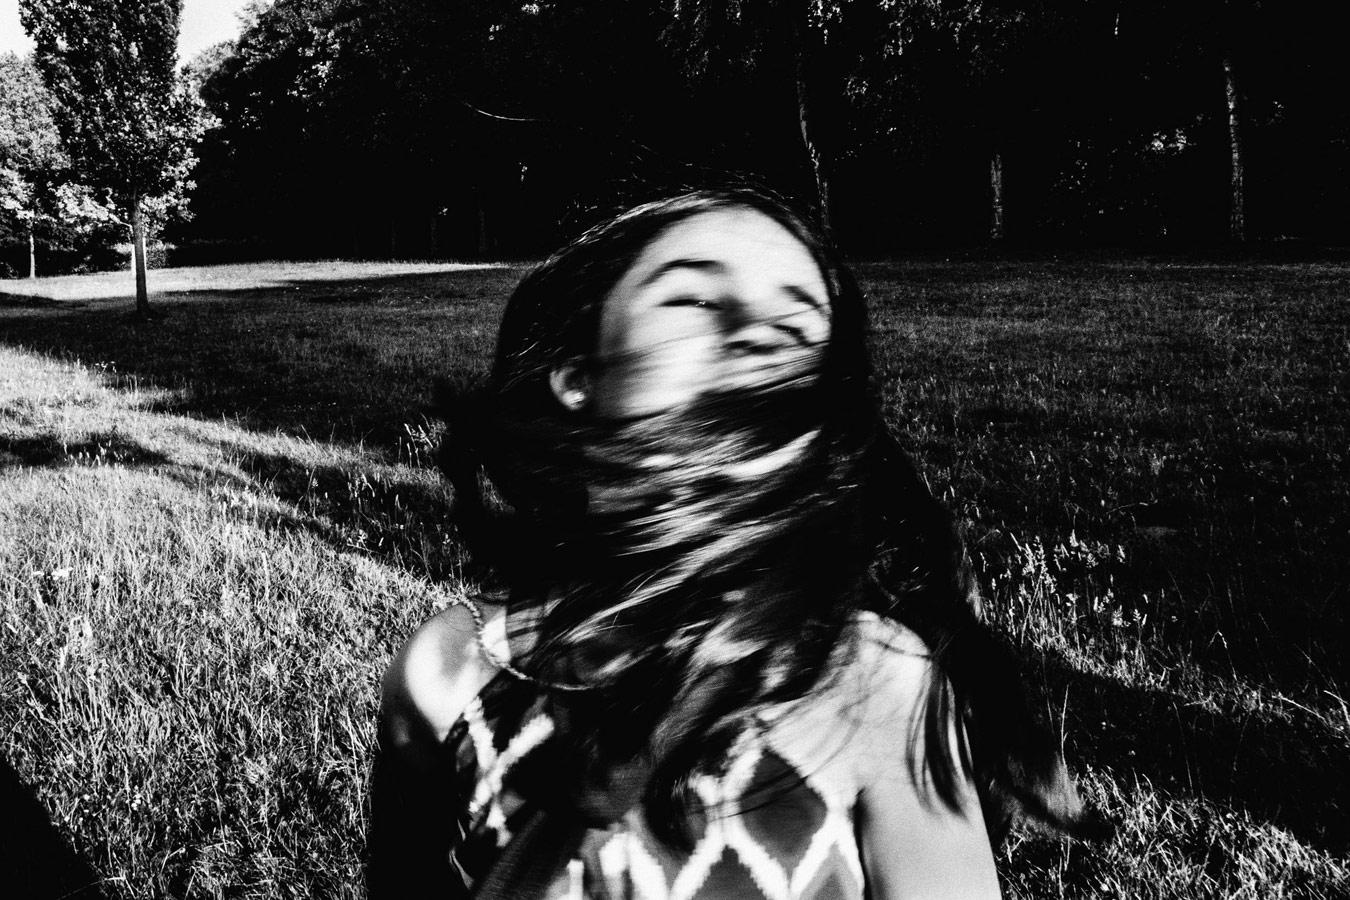 Из дуновения, © Хакан Симсек / Hakan Simsek, 1 место, категория «Серия фотографий», Фотоконкурс «Уличная фотография»